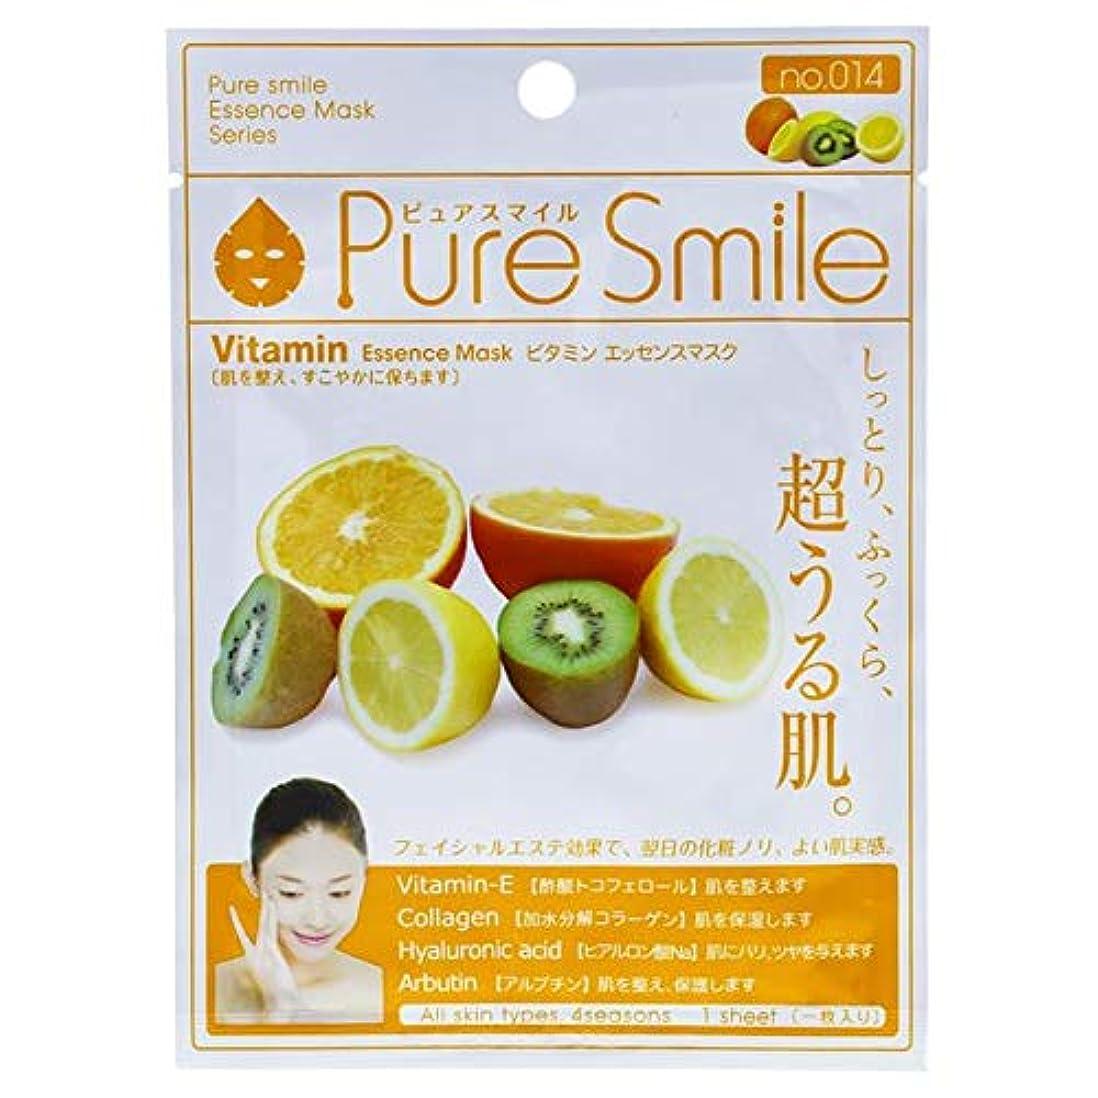 統合するレモン中央値ピュアスマイル エッセンスマスク『ビタミン』